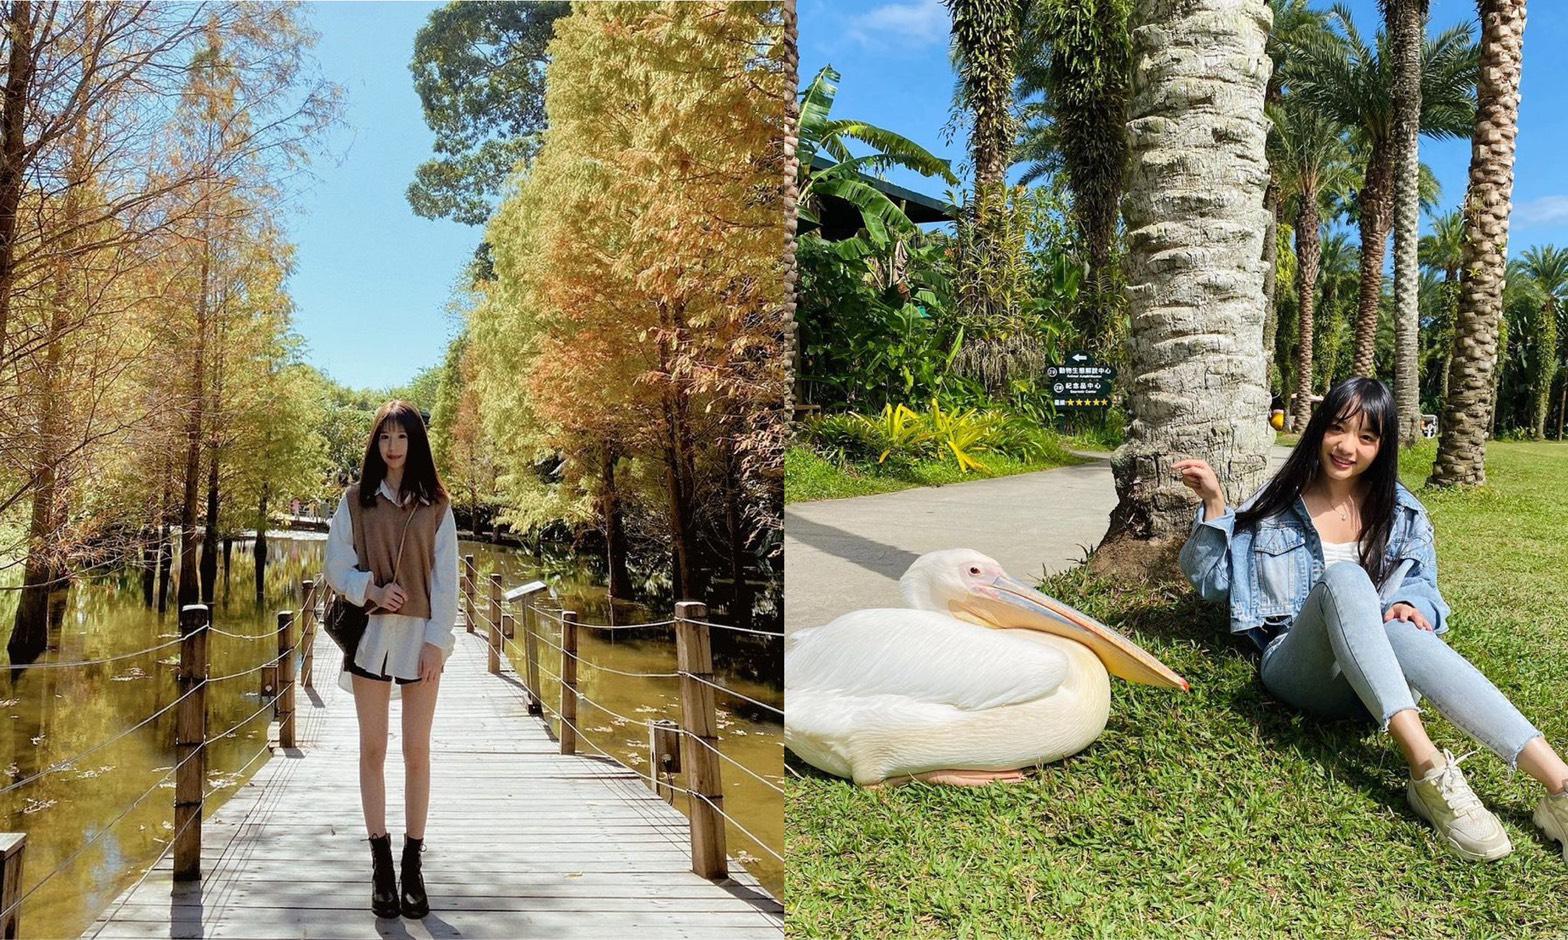 綠世界生態農場 最適合假日出遊的新竹戶外景點(門票優惠/交通指南/必看動物)懶人包